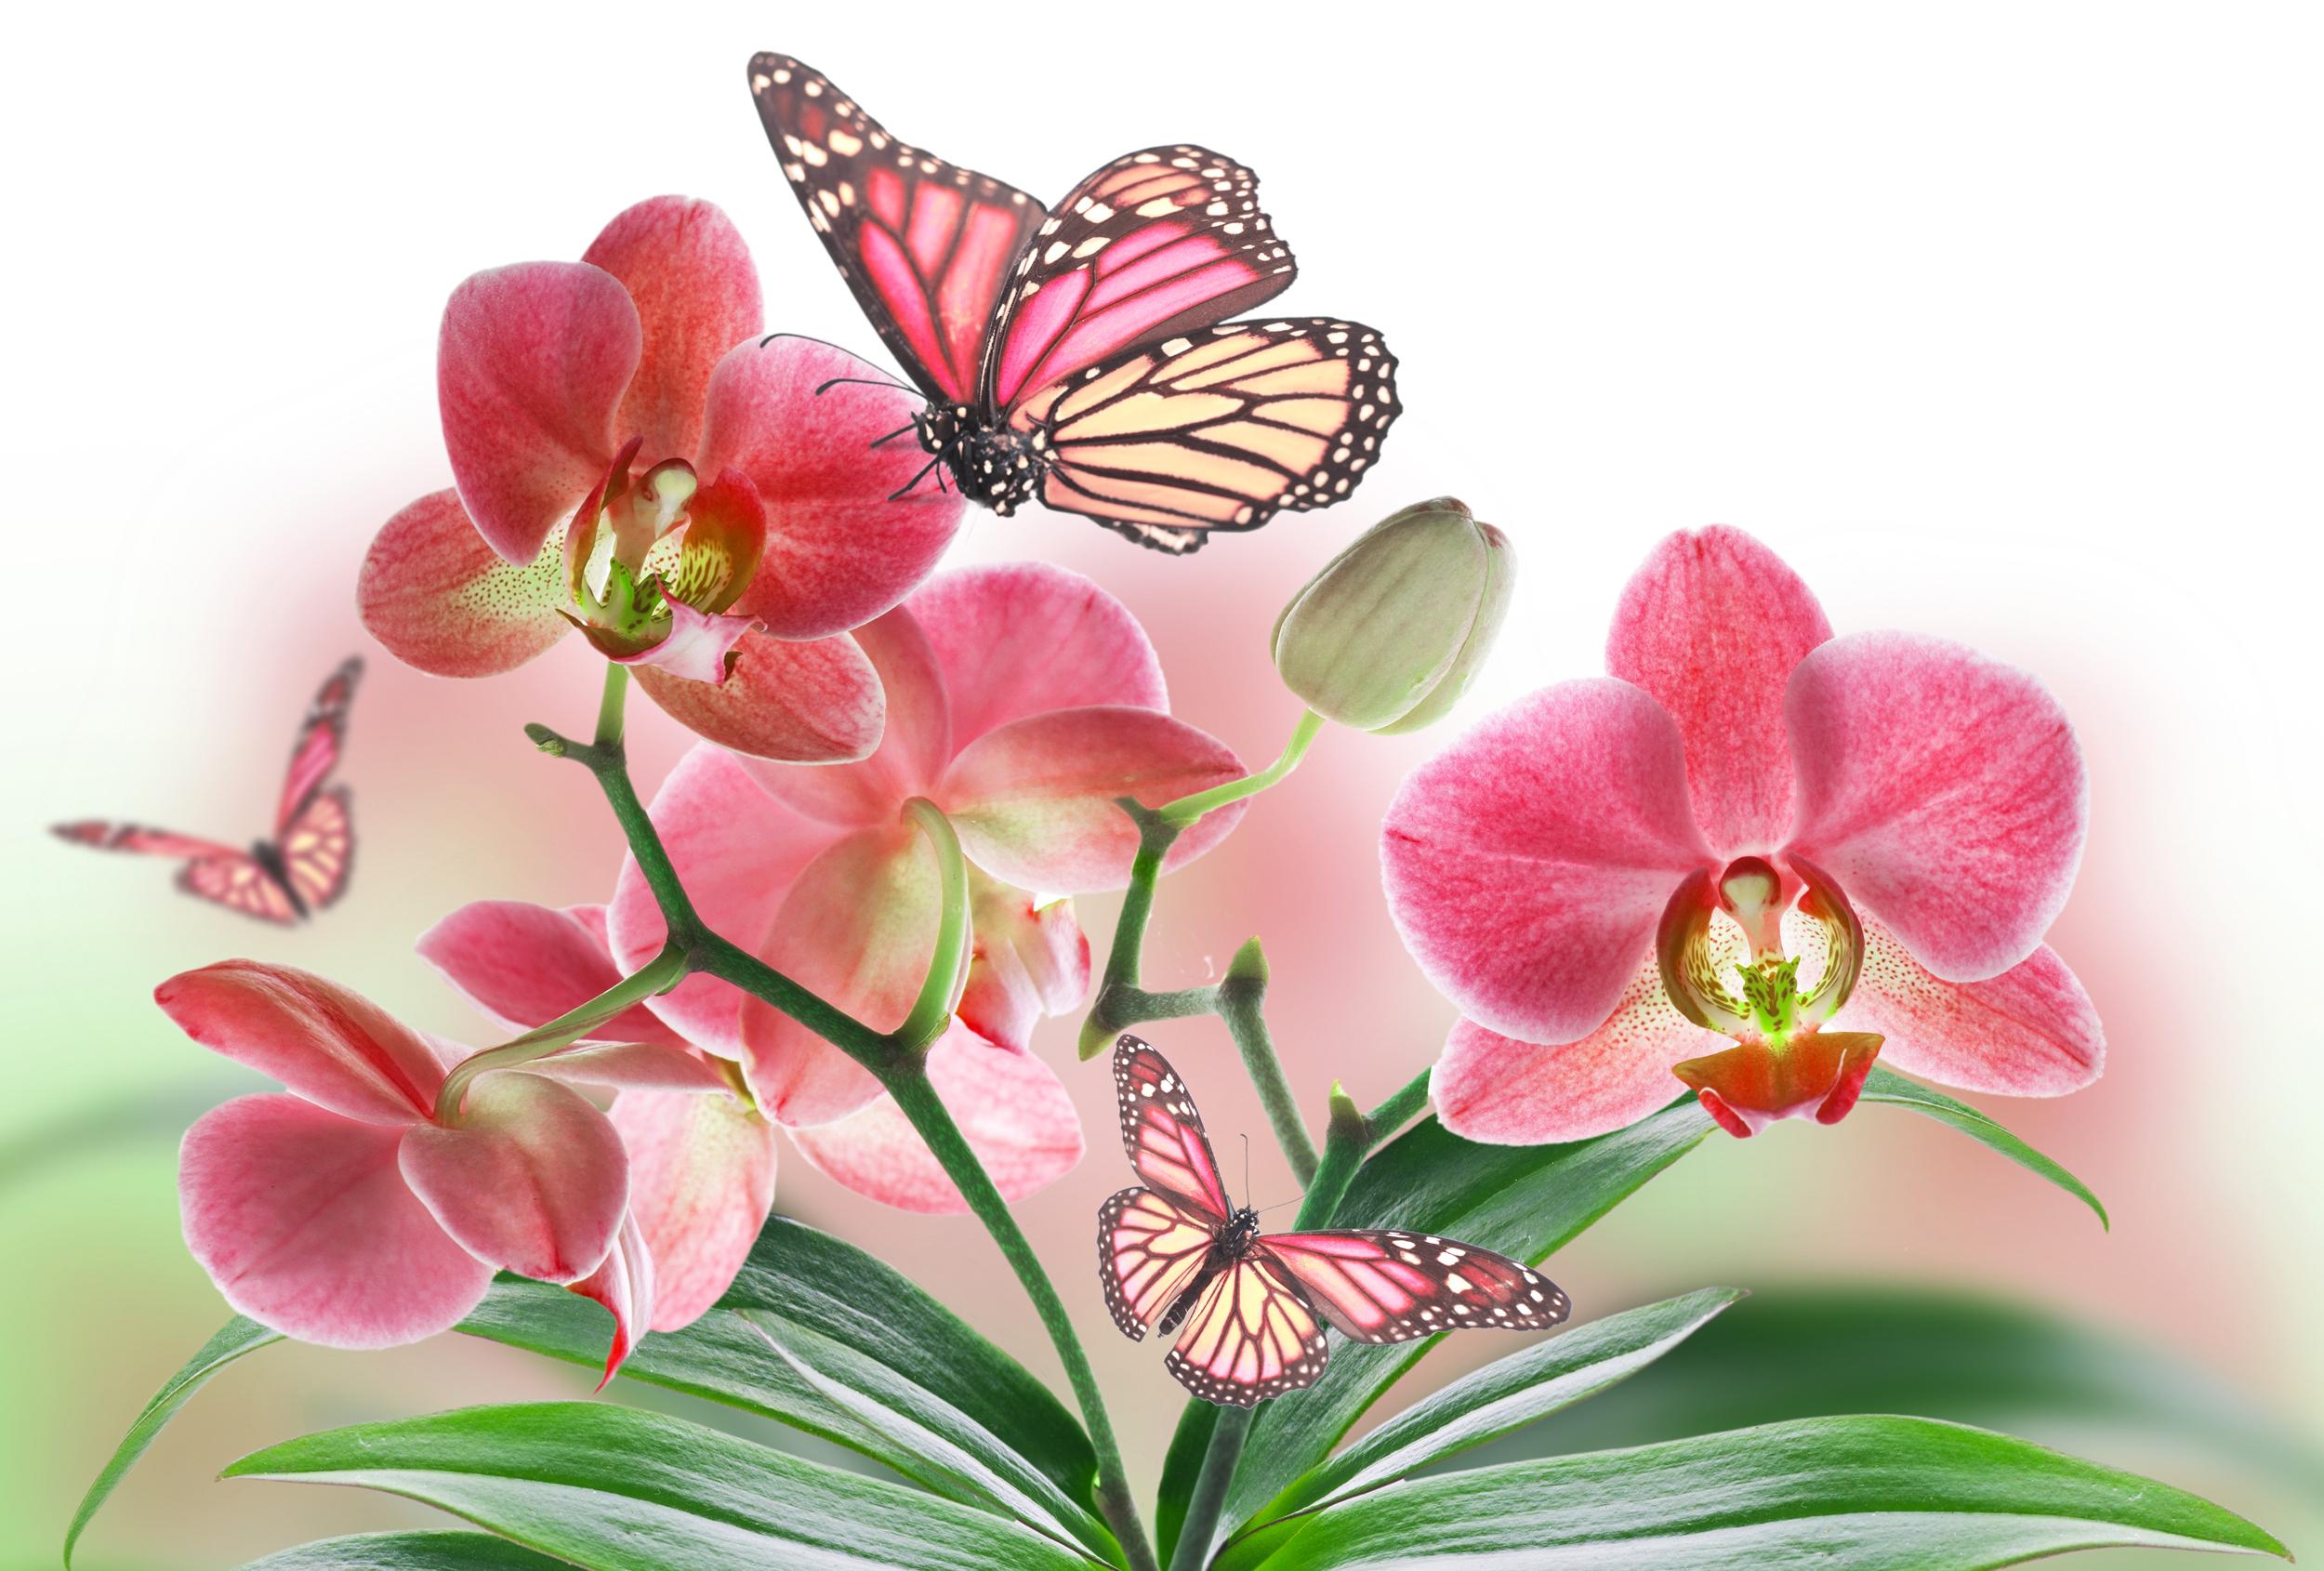 бабочки из лепестков  № 2303792 бесплатно